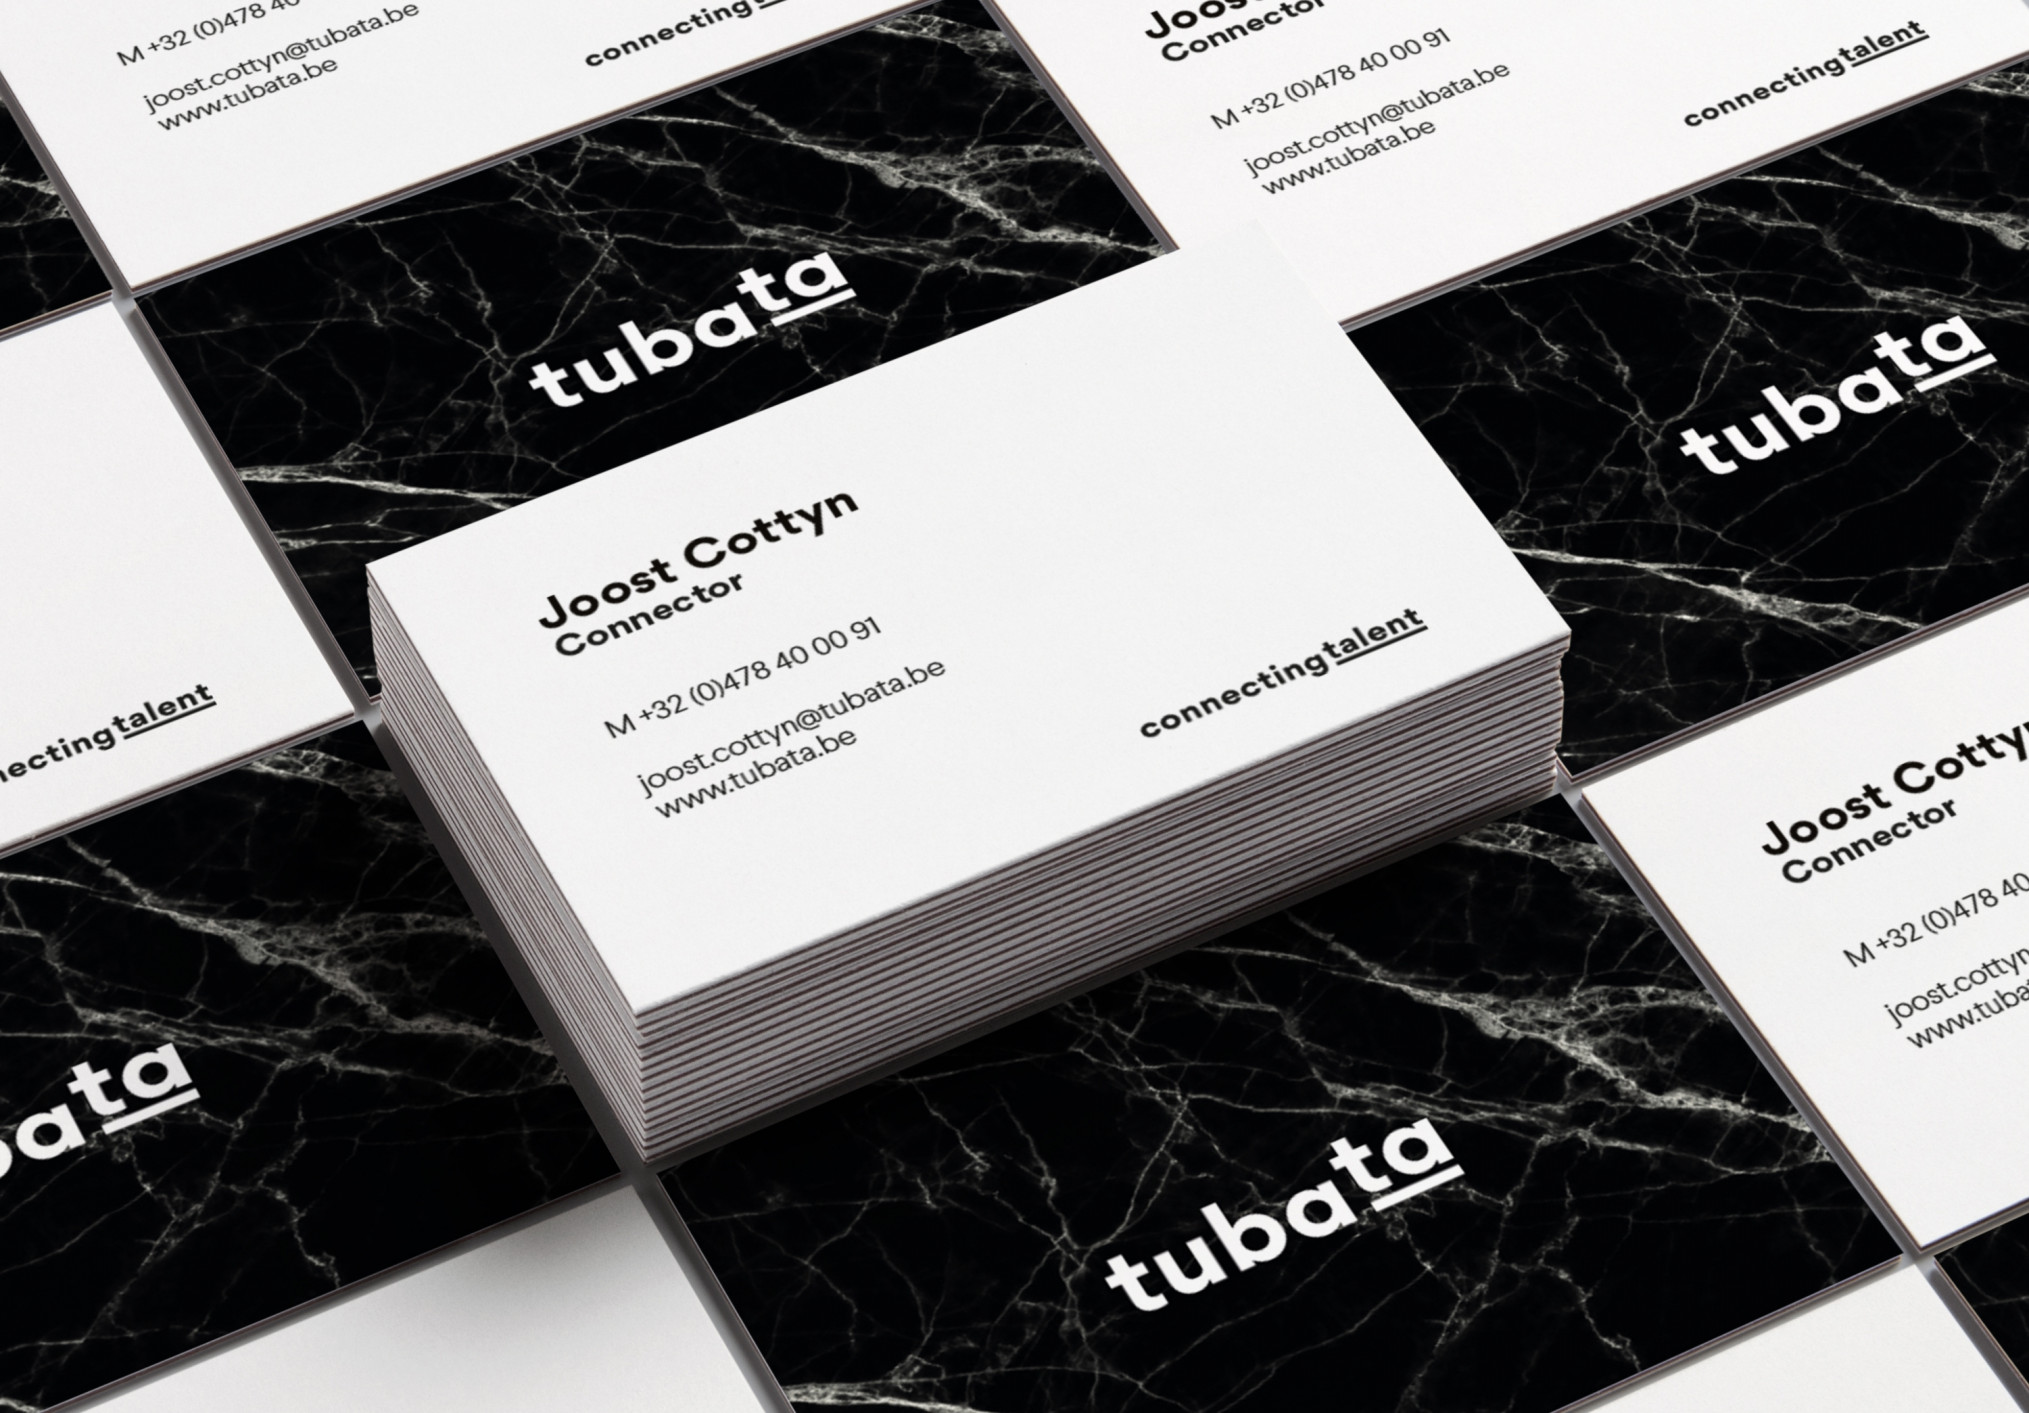 Voor Tubata ontwikkelden we een logo en een huisstijl, die we uitrolden in de volledige communicatie van het bedrijf.